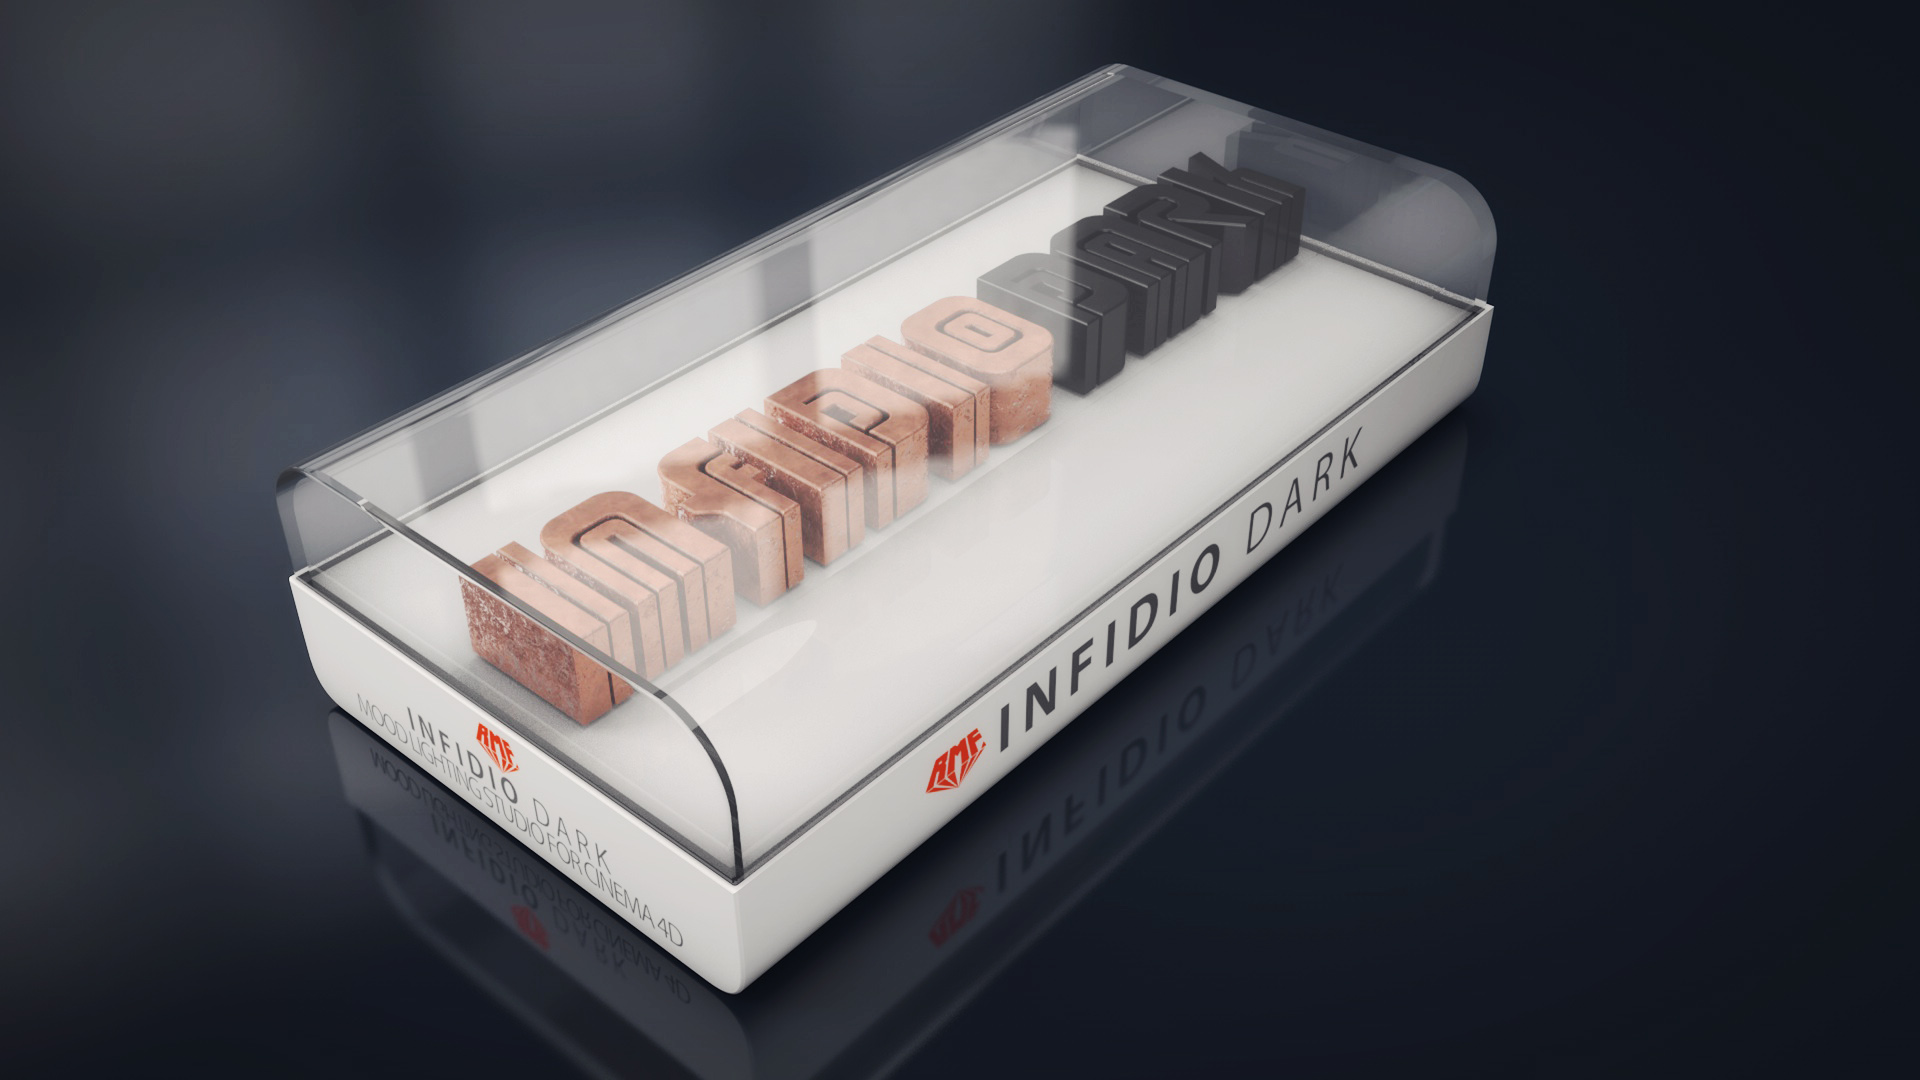 Infidio Dark Box 1080_processed